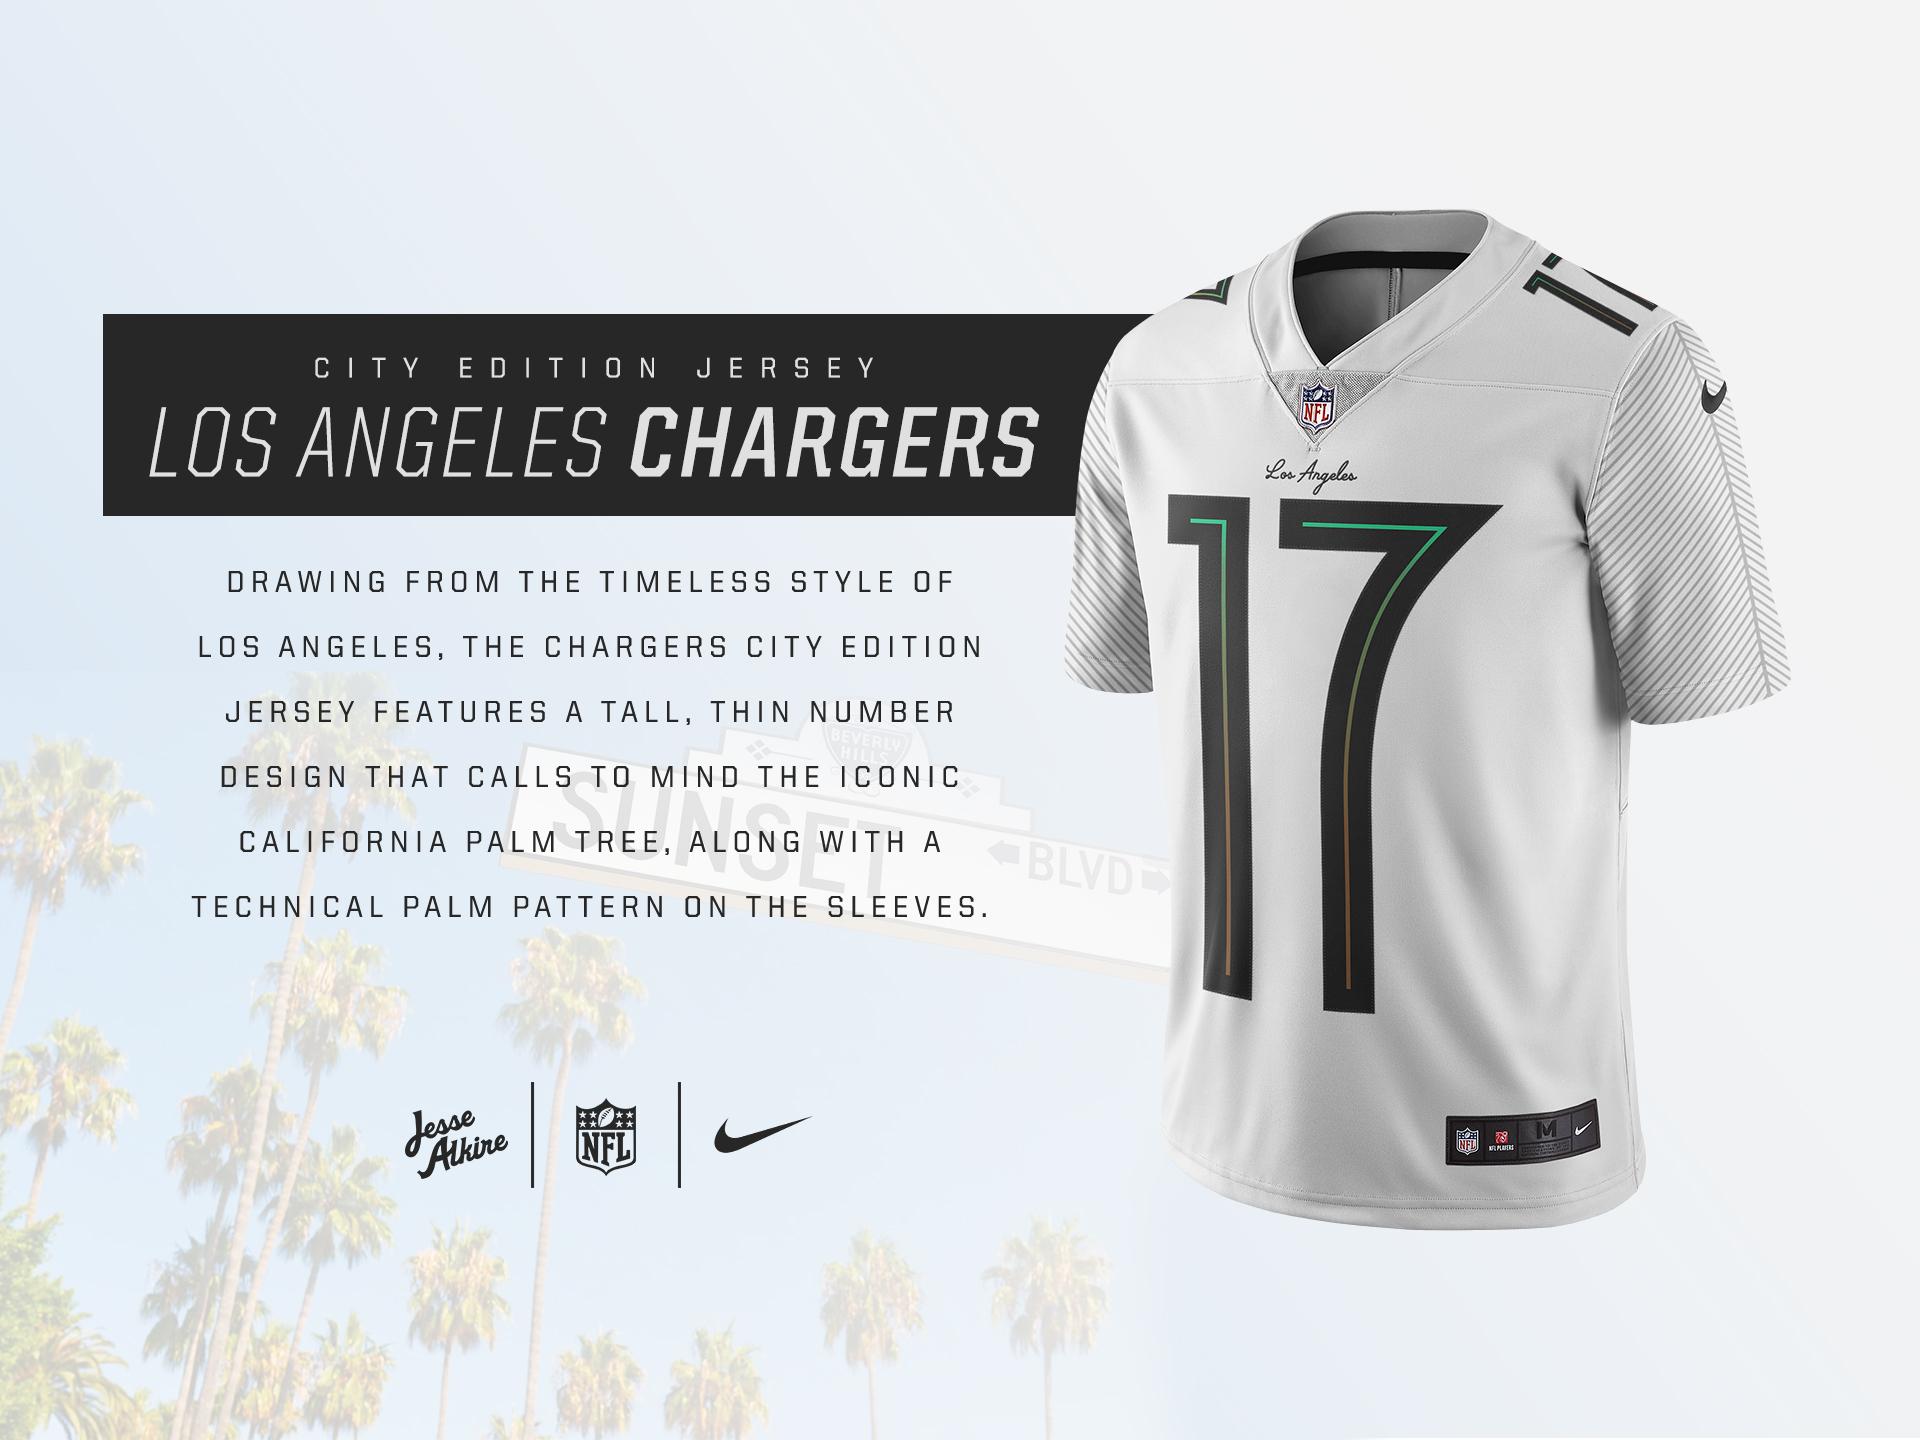 la chargers shirt